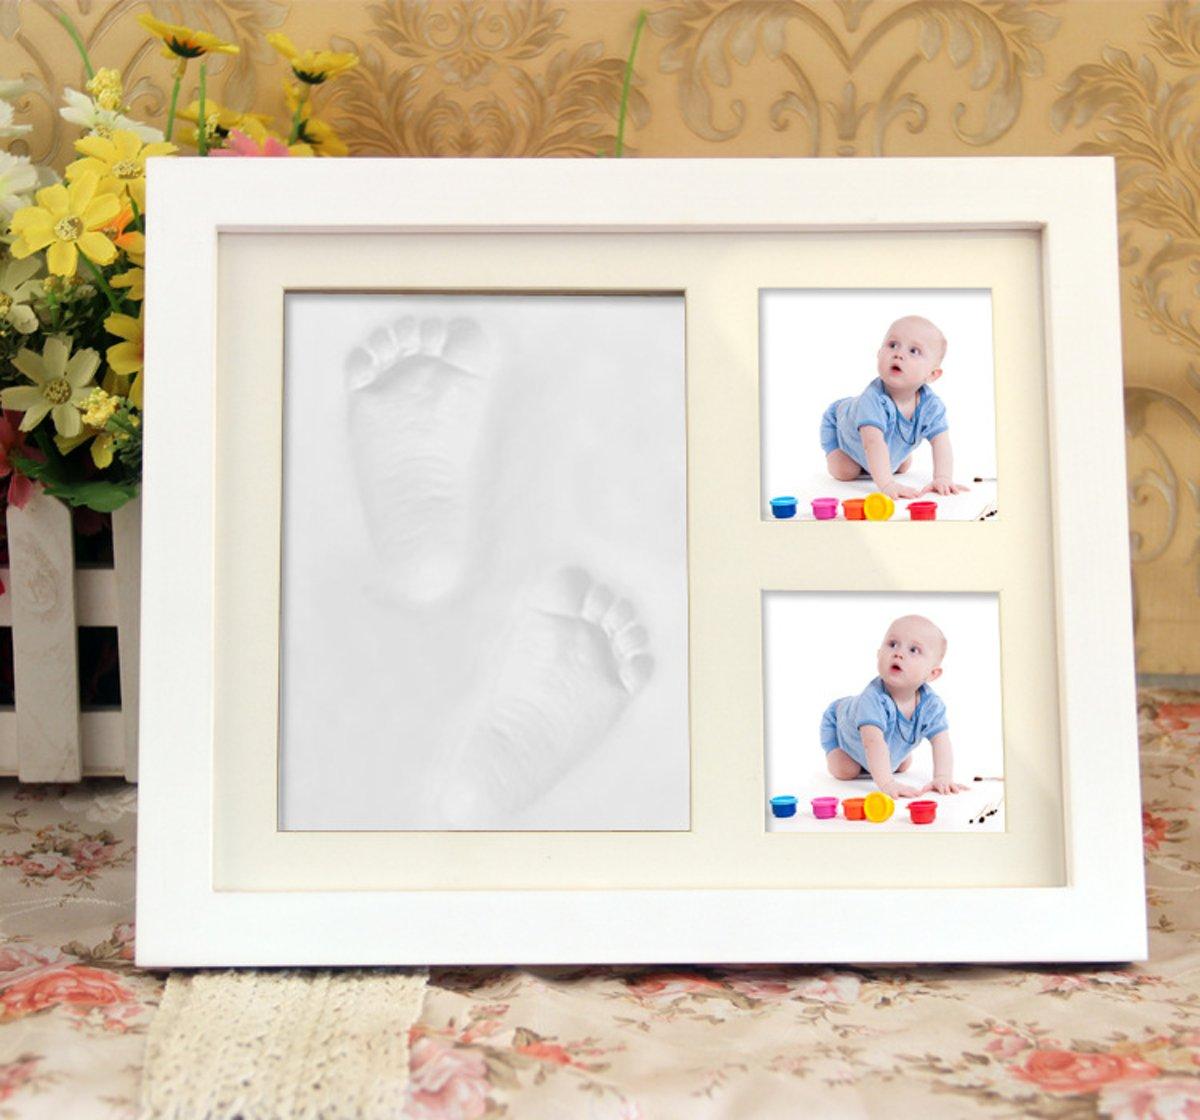 Baby Art fotolijst voor voetafdruk of handafdruk